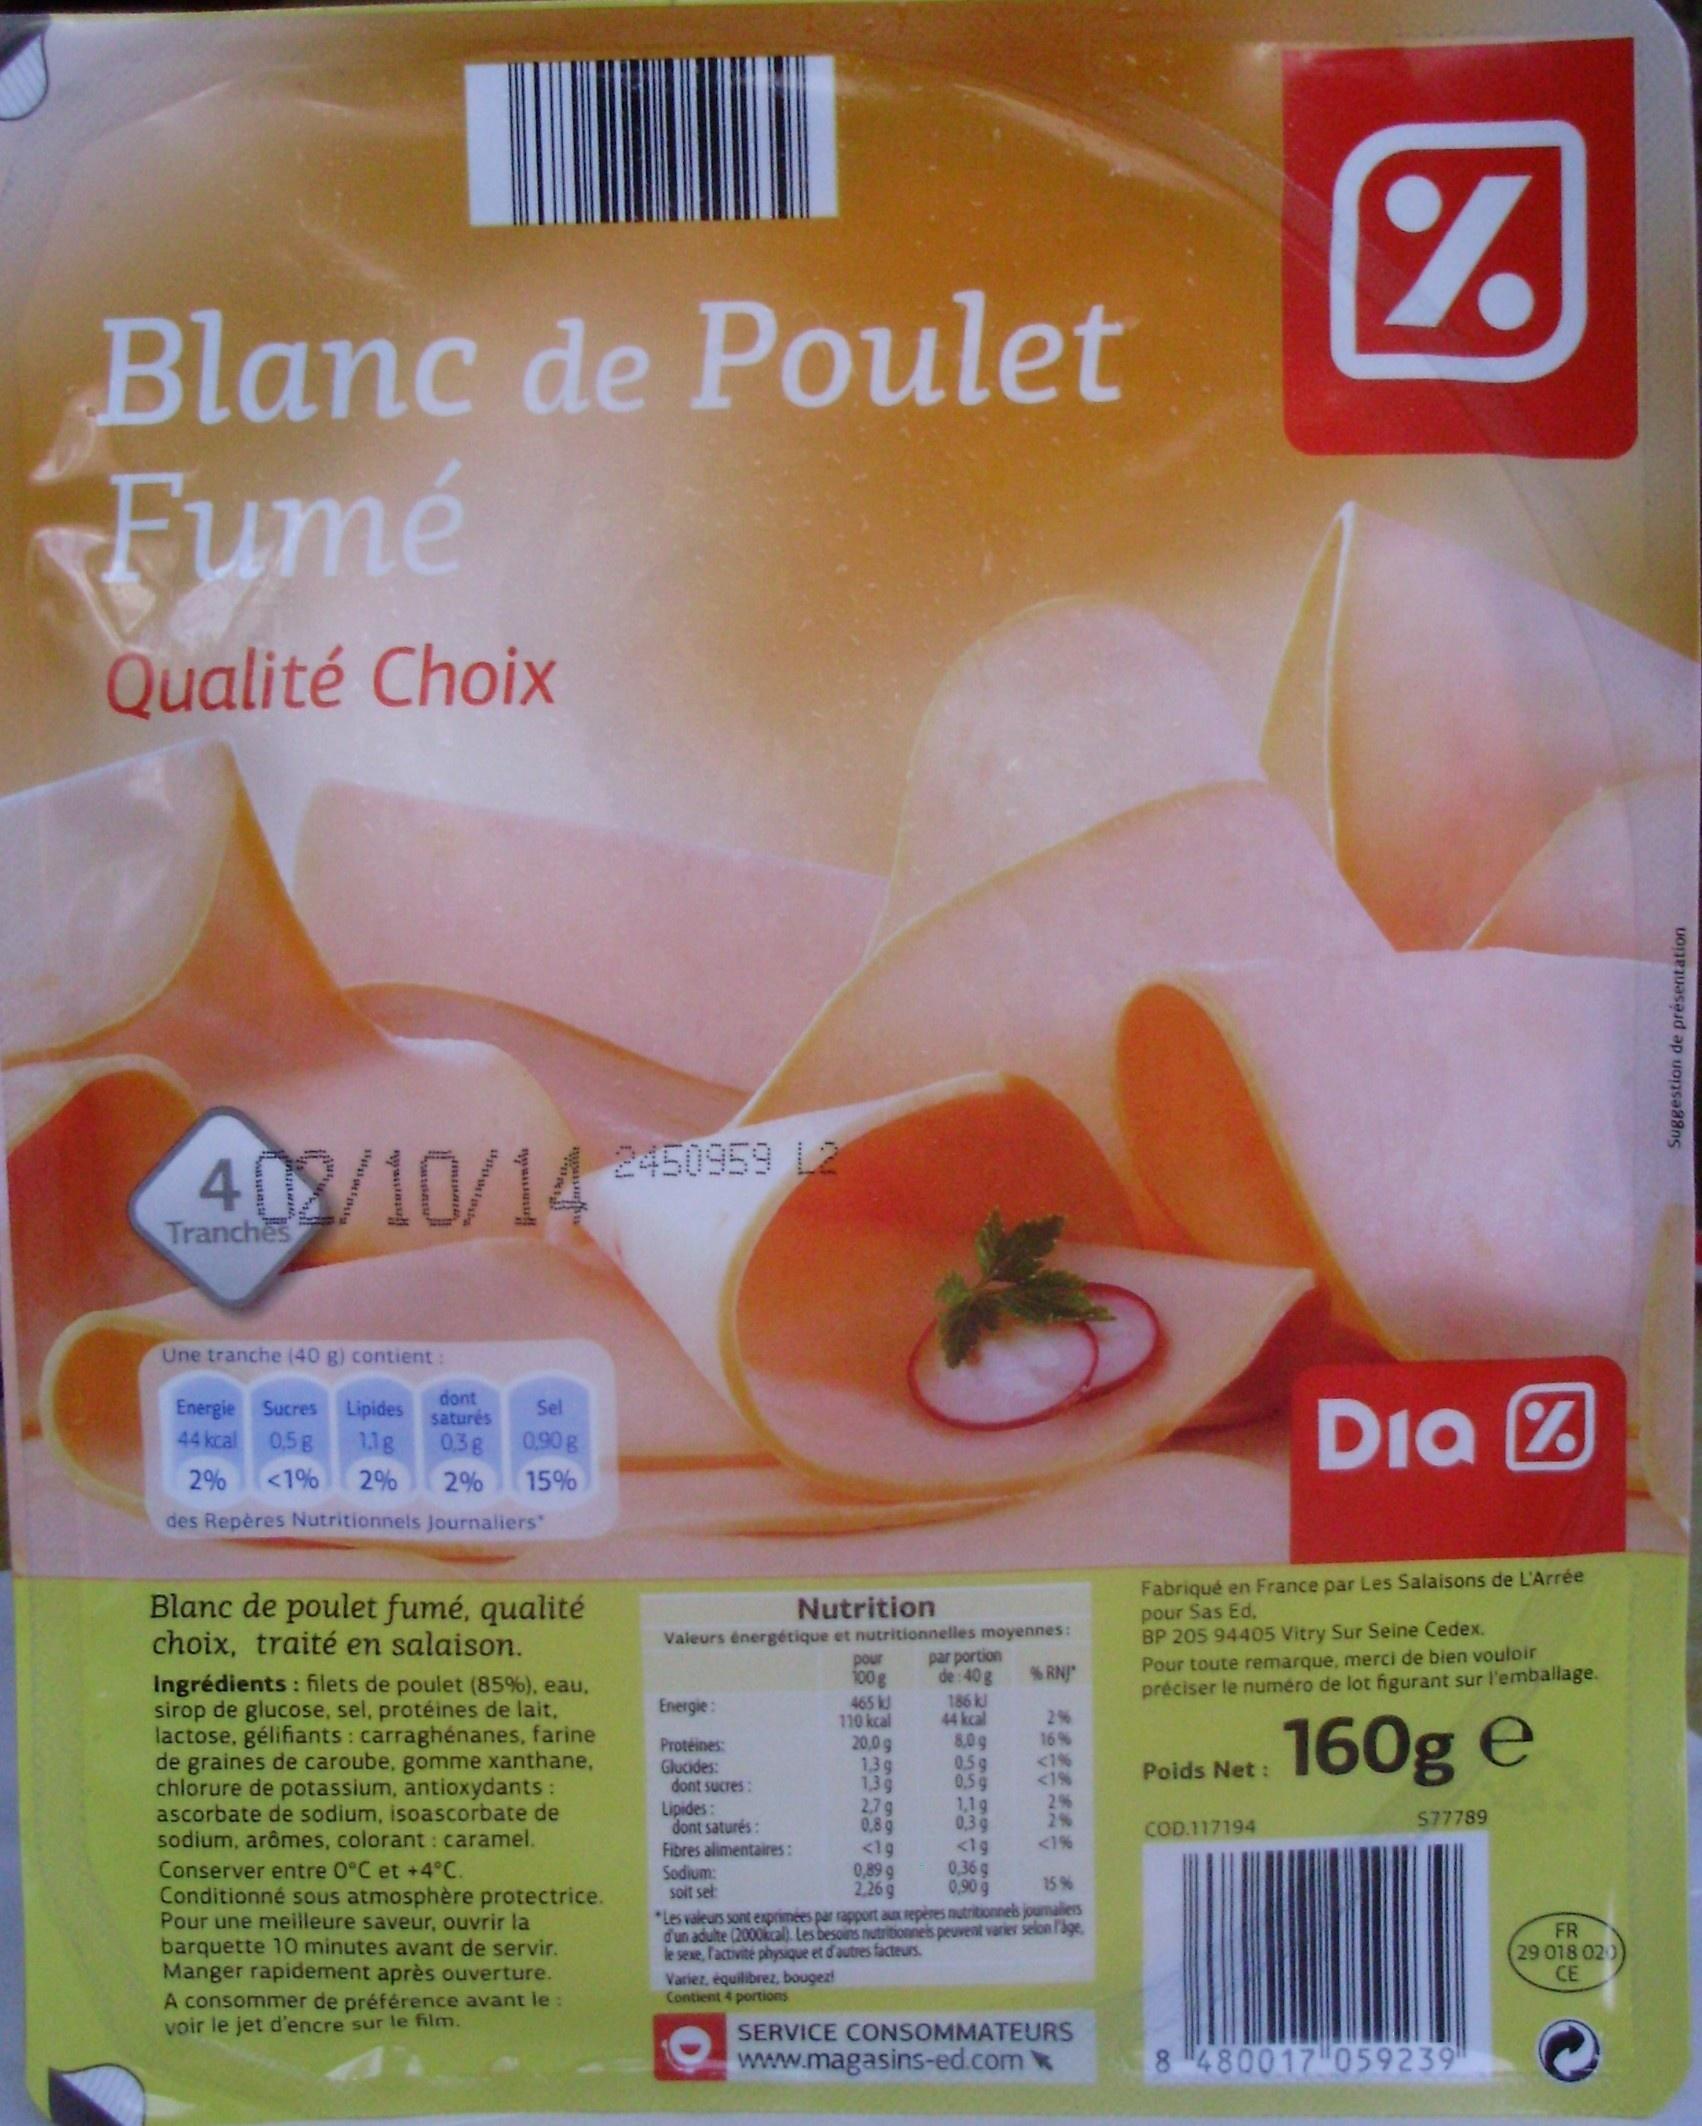 Blanc de Poulet Fumé (Qualité Choix) 4 Tranches - Product - fr